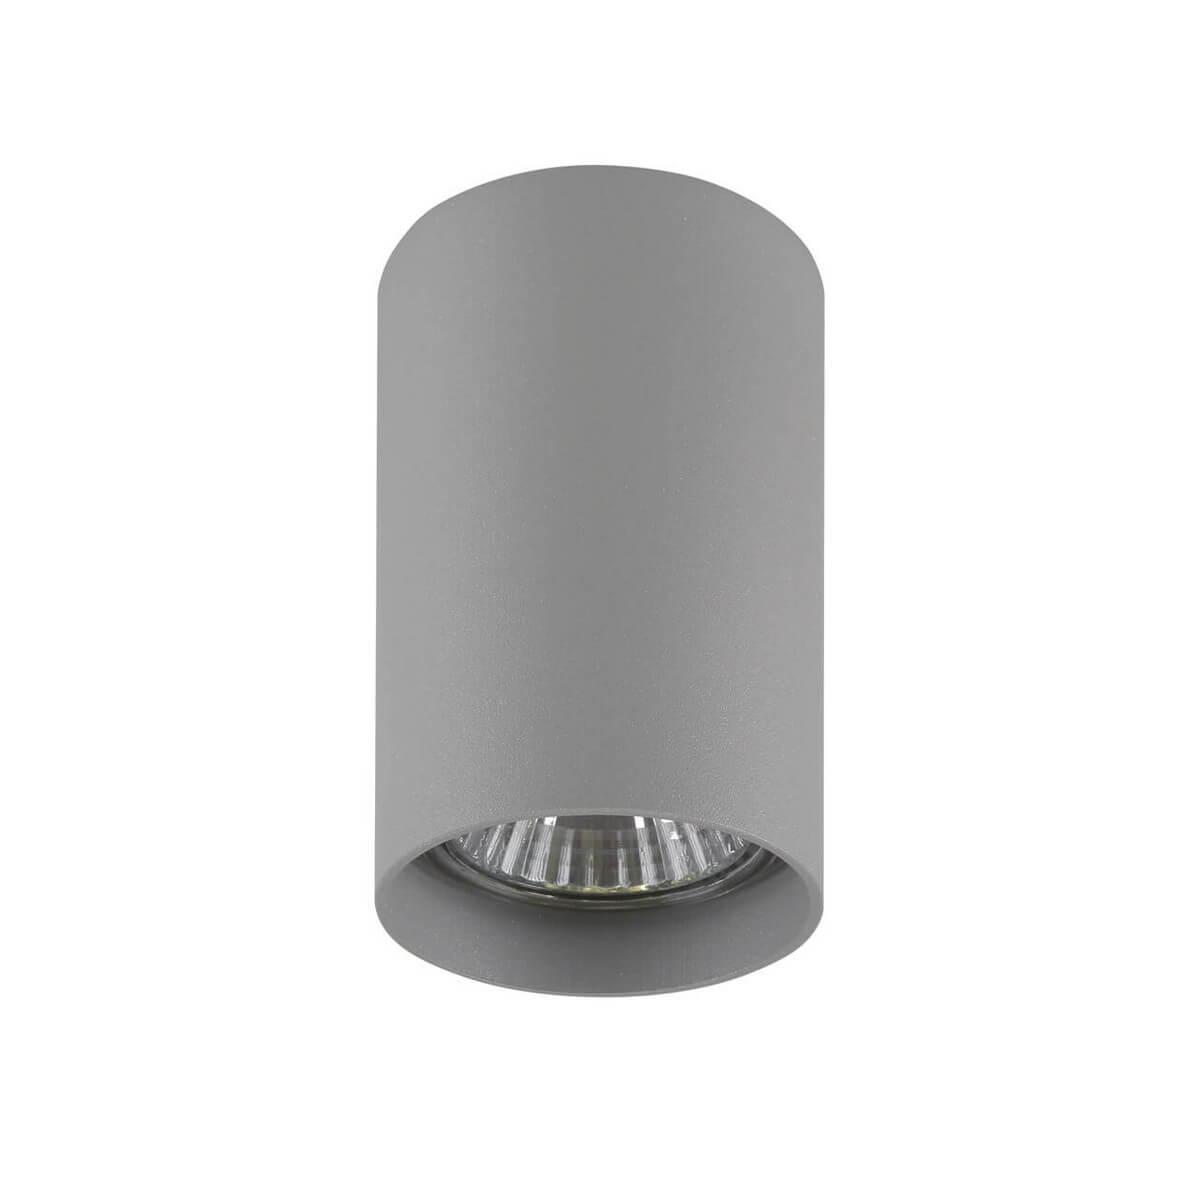 Накладной светильник Lightstar 214439, GU10, 50 Вт светильник lightstar rullo ls 214436